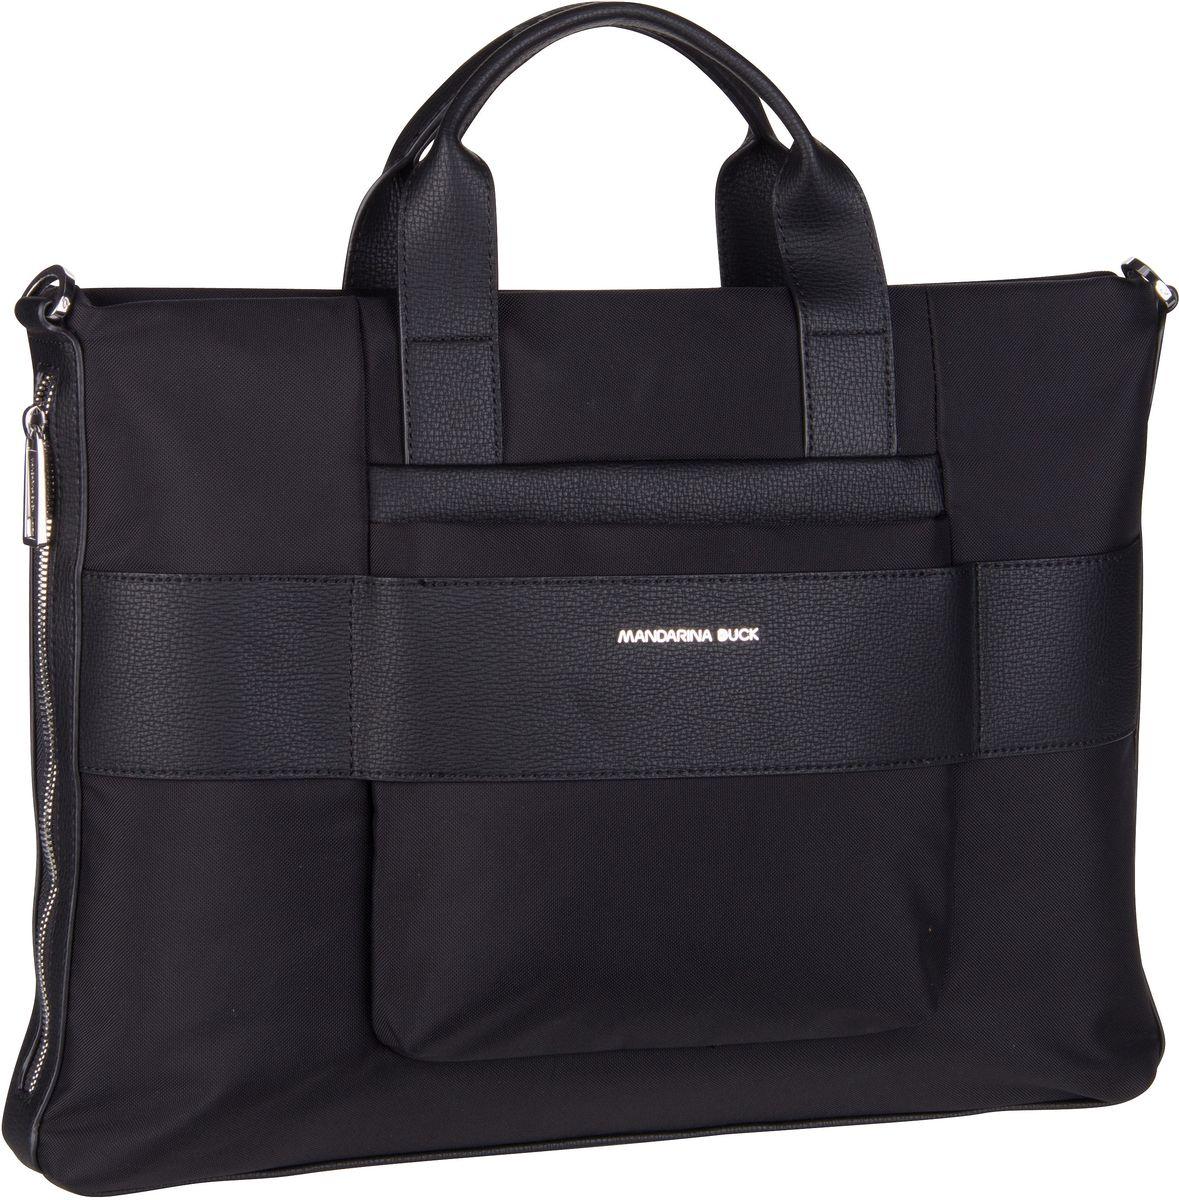 Businesstaschen für Frauen - Mandarina Duck Aktenmappe Boston Slim Briefcase UTT01 Black  - Onlineshop Taschenkaufhaus